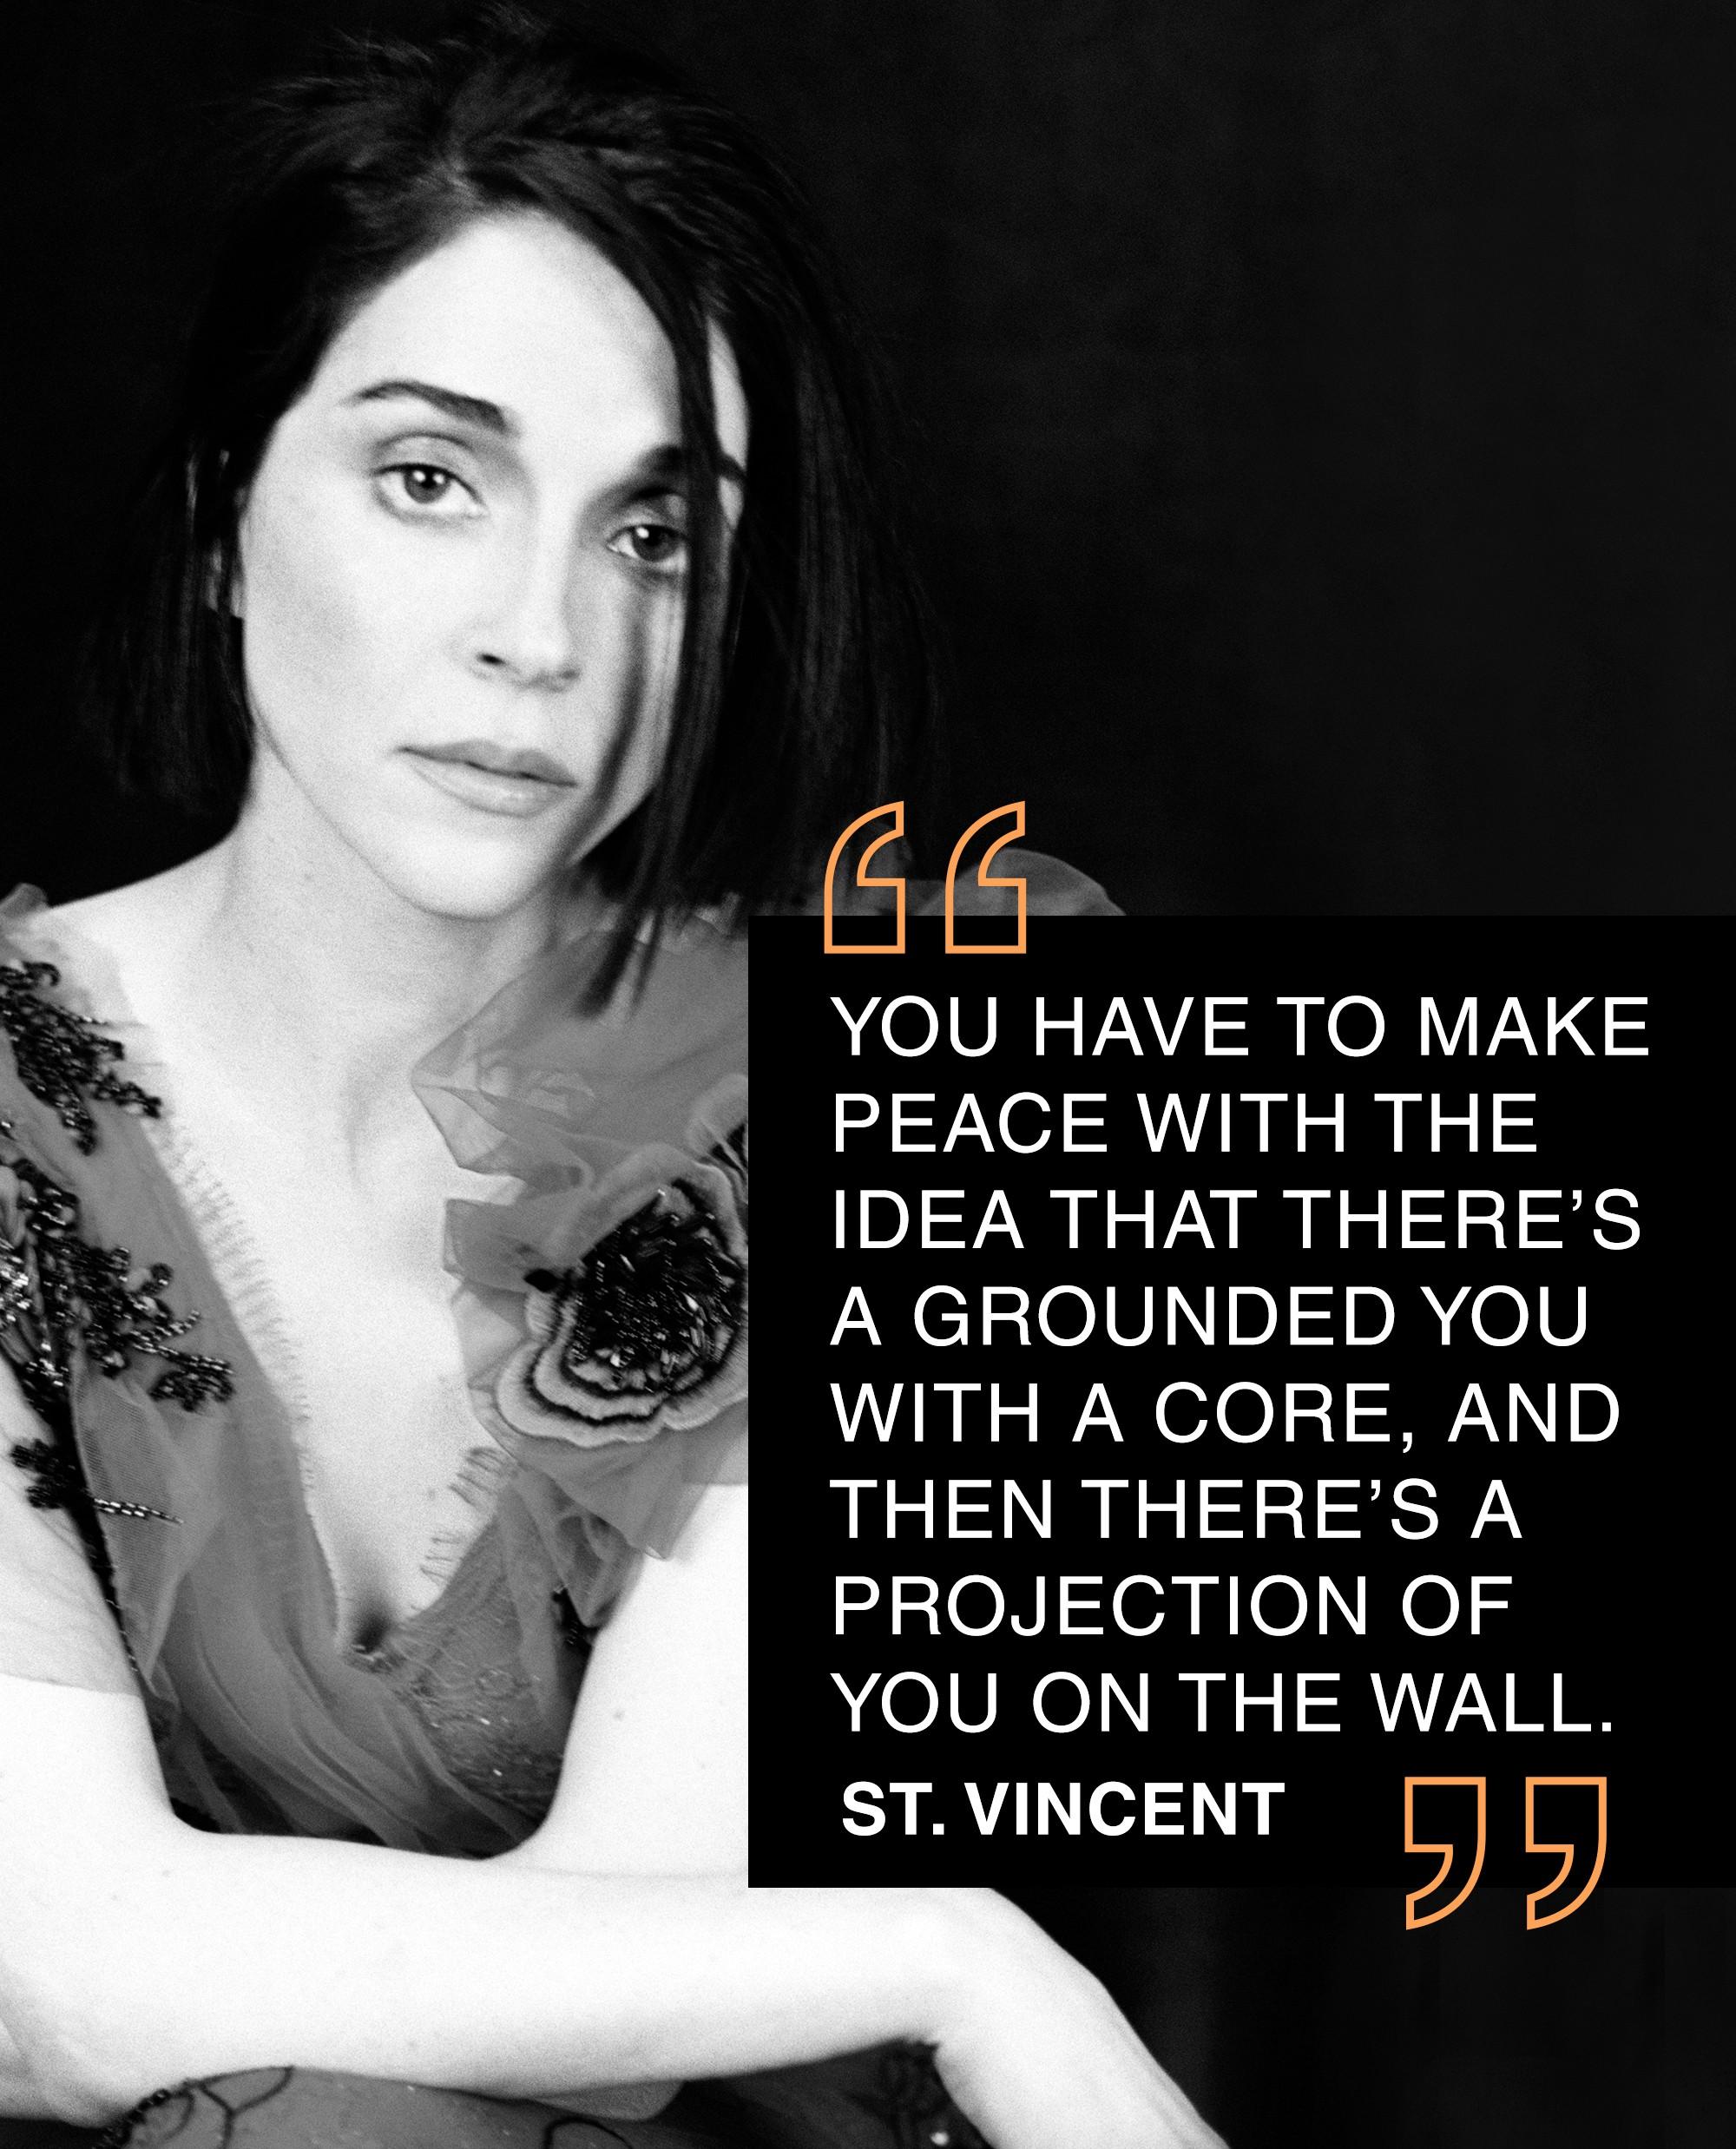 St Vincent NME